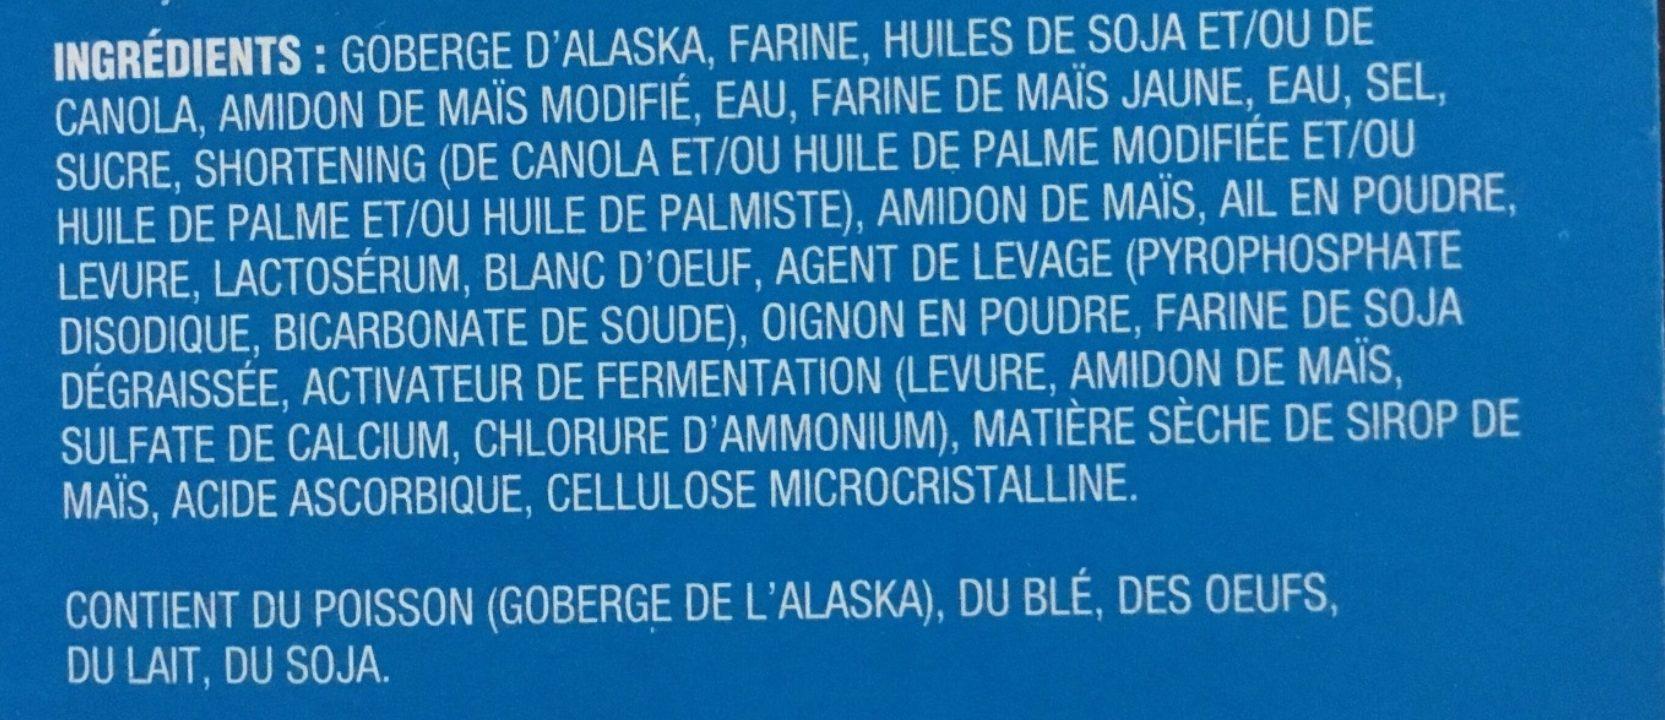 Filets de Goberge de l'Alaska pour sandwiches - Ingredients